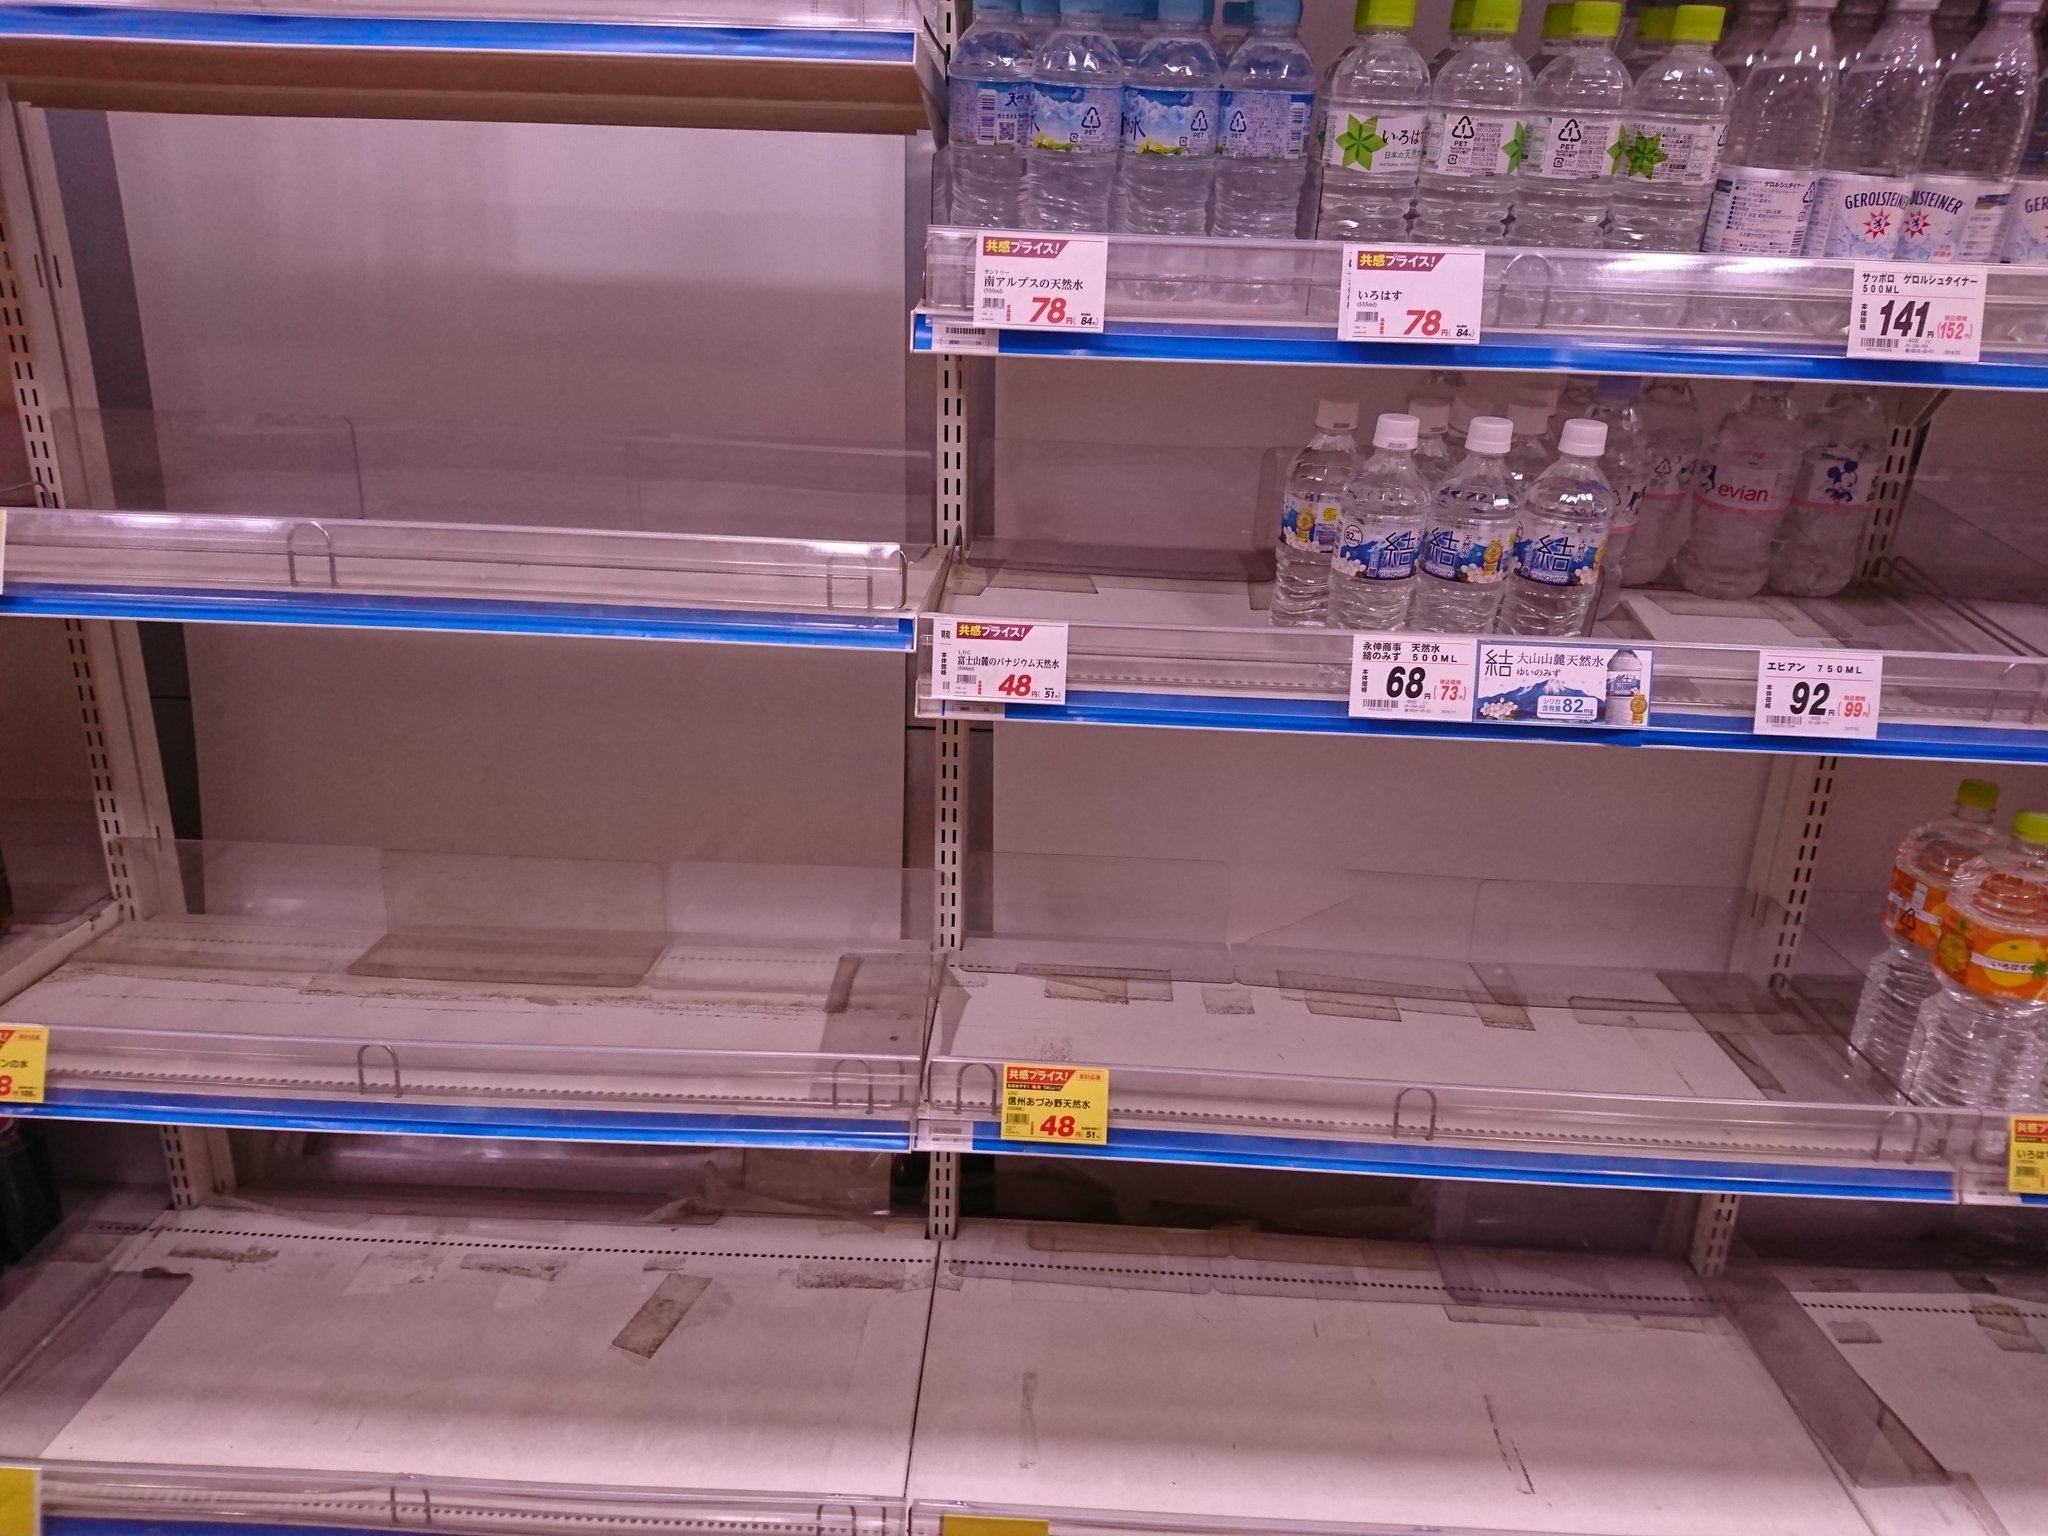 画像,千葉のスーパーにて水とお茶がほぼ売り切れ https://t.co/SPmP0hdlut。